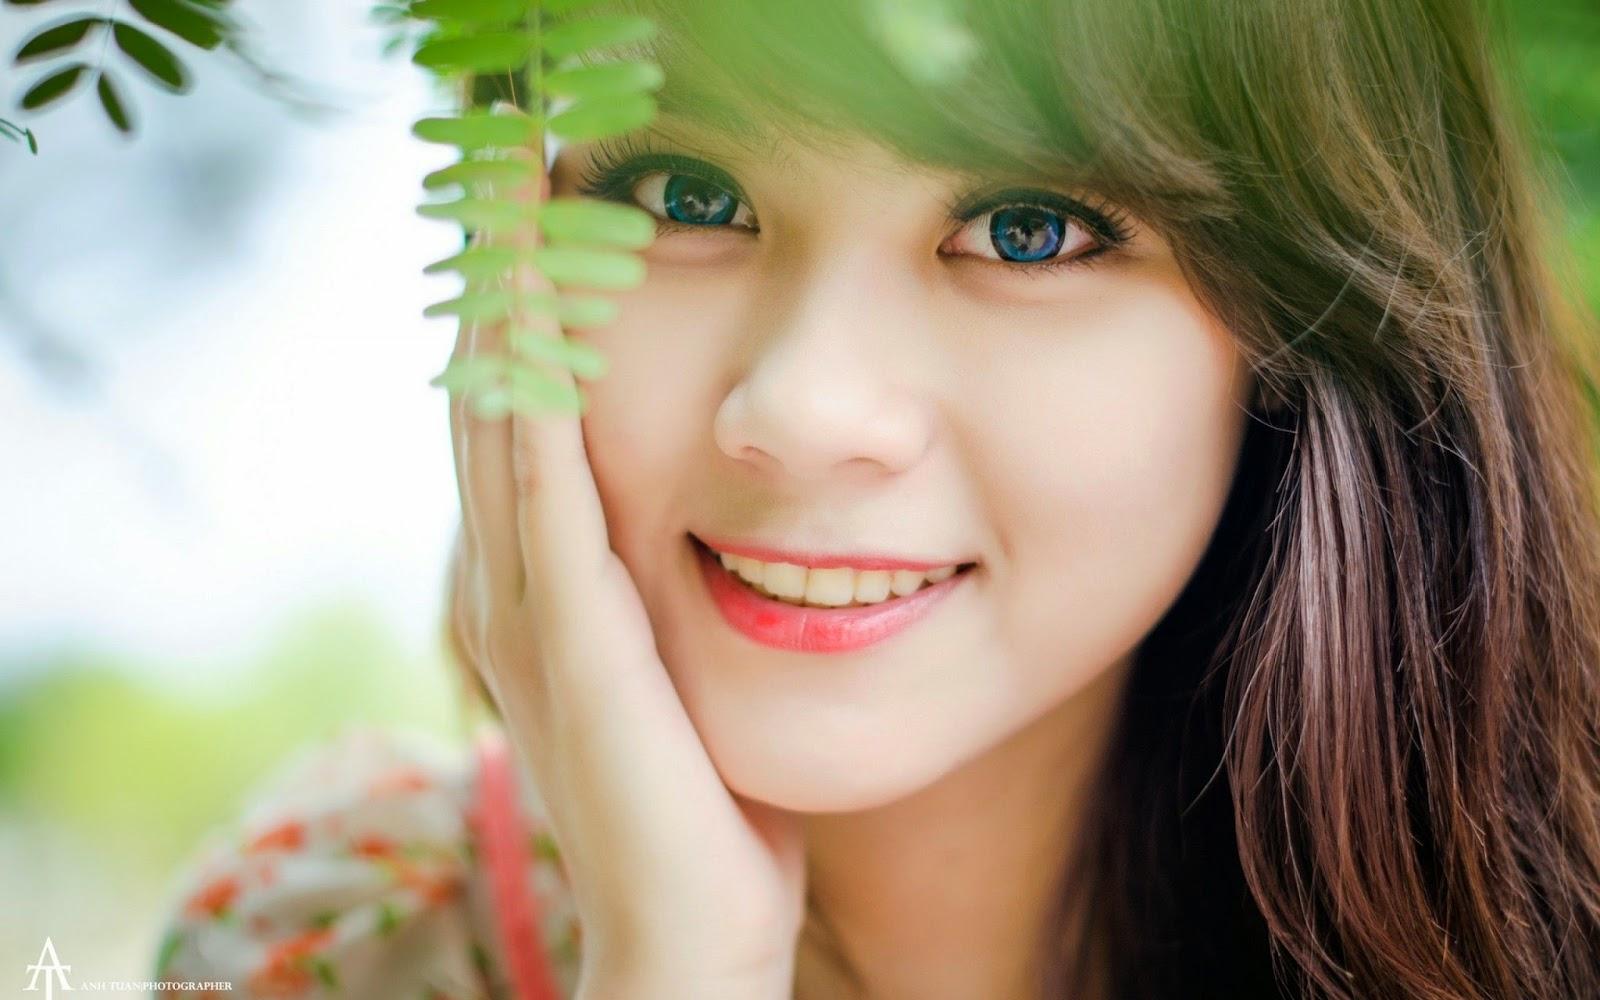 بالصور خلفيات بنات كوريات , اجمل صور البنات الكوريات 2019 2854 6